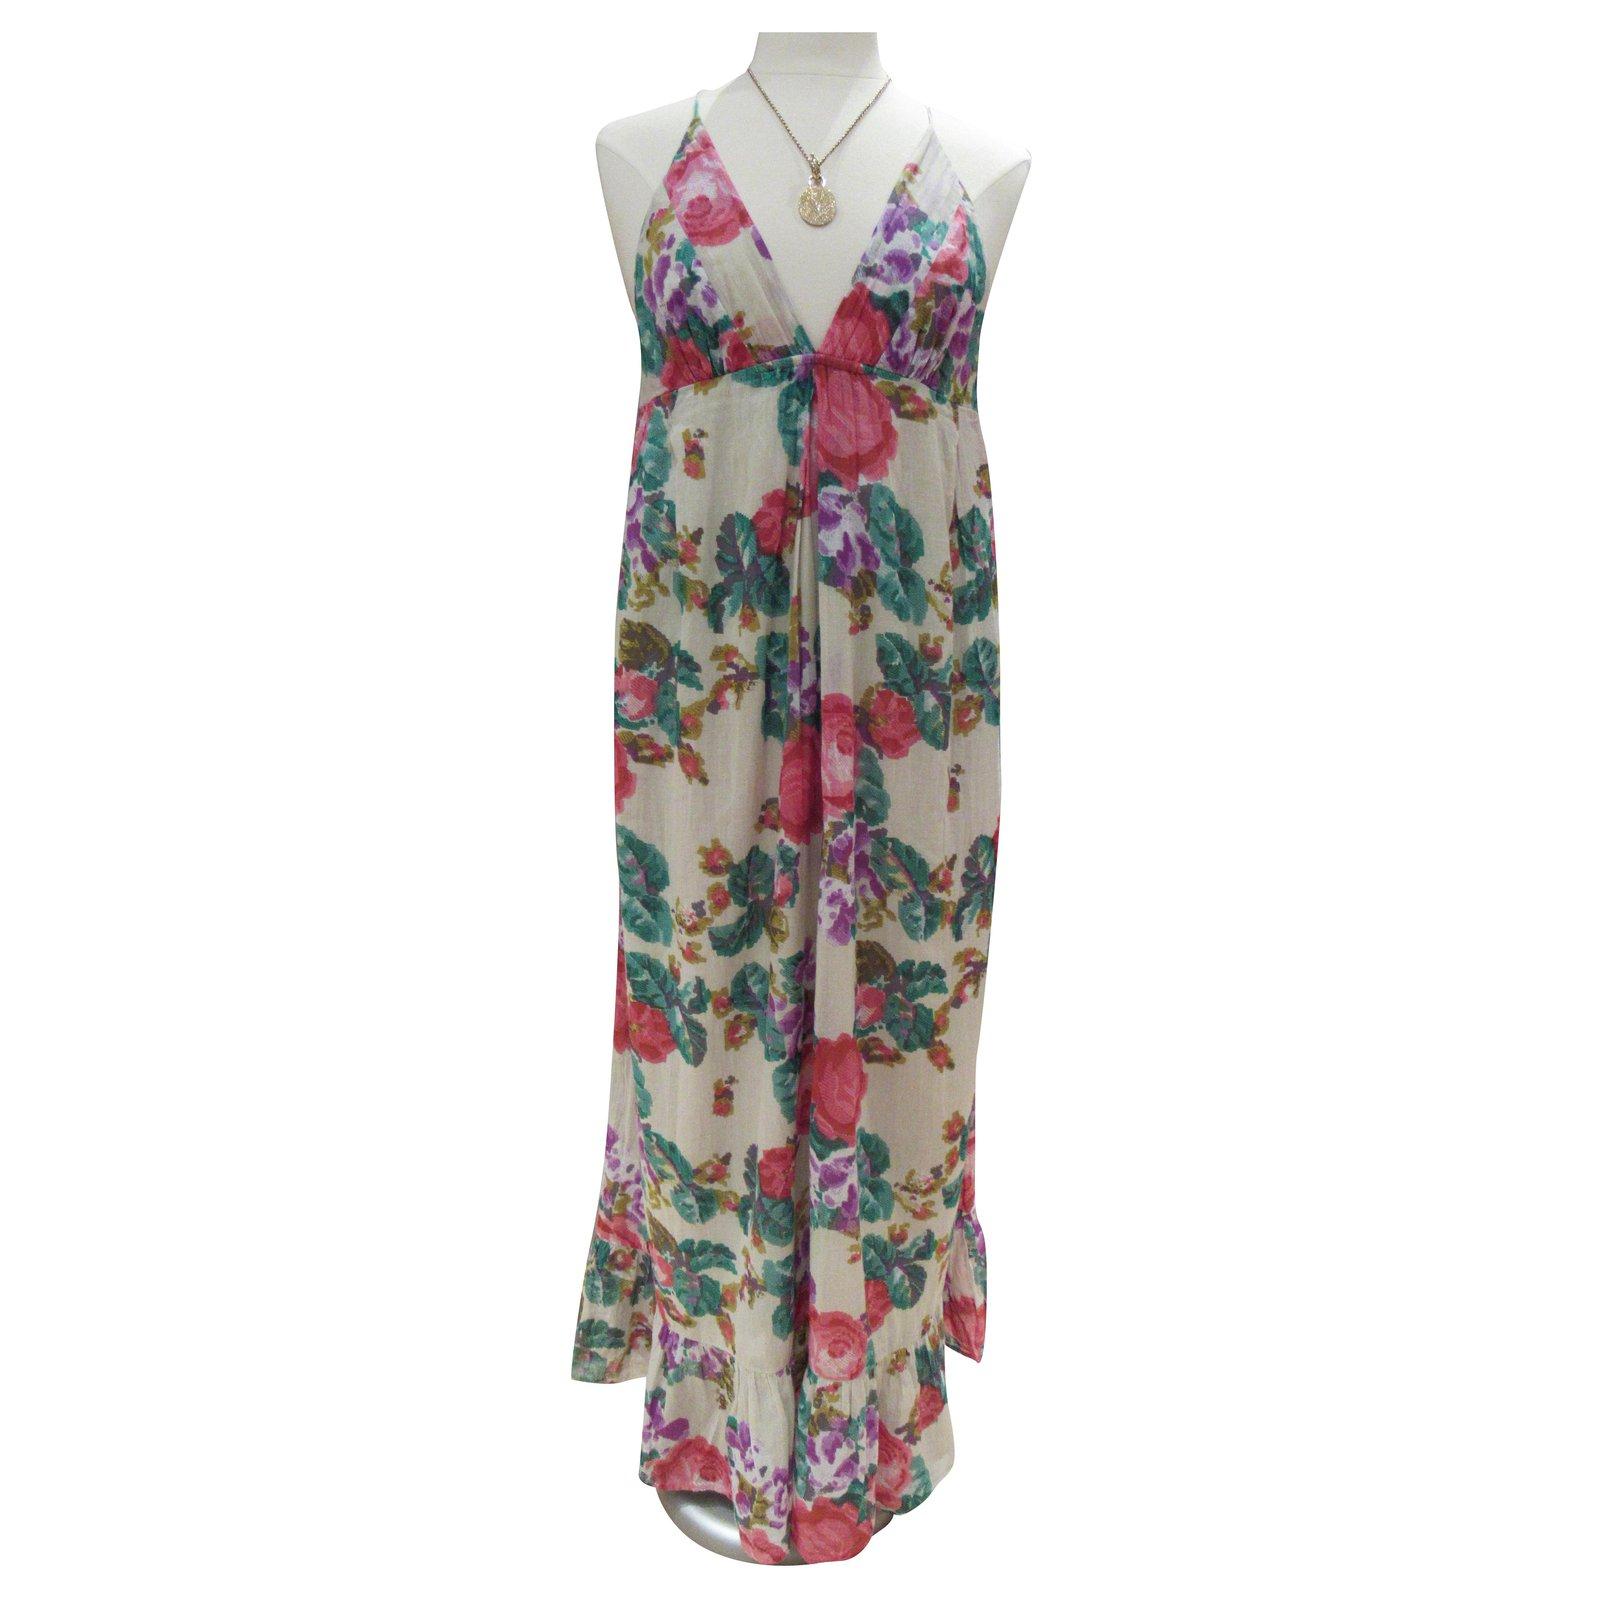 Robes Autre Marque Robe Longue D Ete Bleifrei Coton Multicolore Ref 206320 Joli Closet